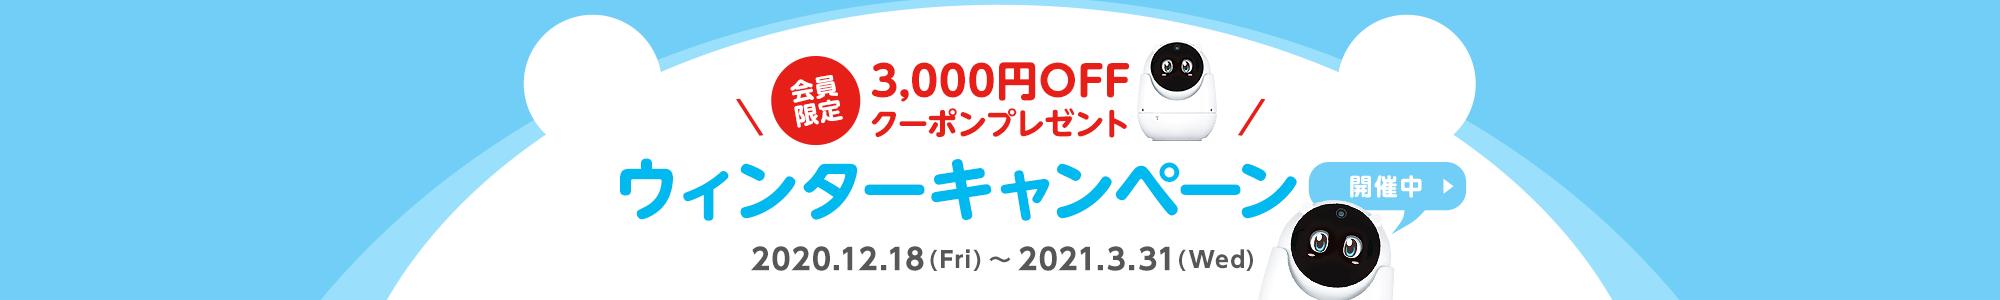 会員限定 3,000円OFFクーポンプレゼント!ユピ坊ウィンターキャンペーン開催中